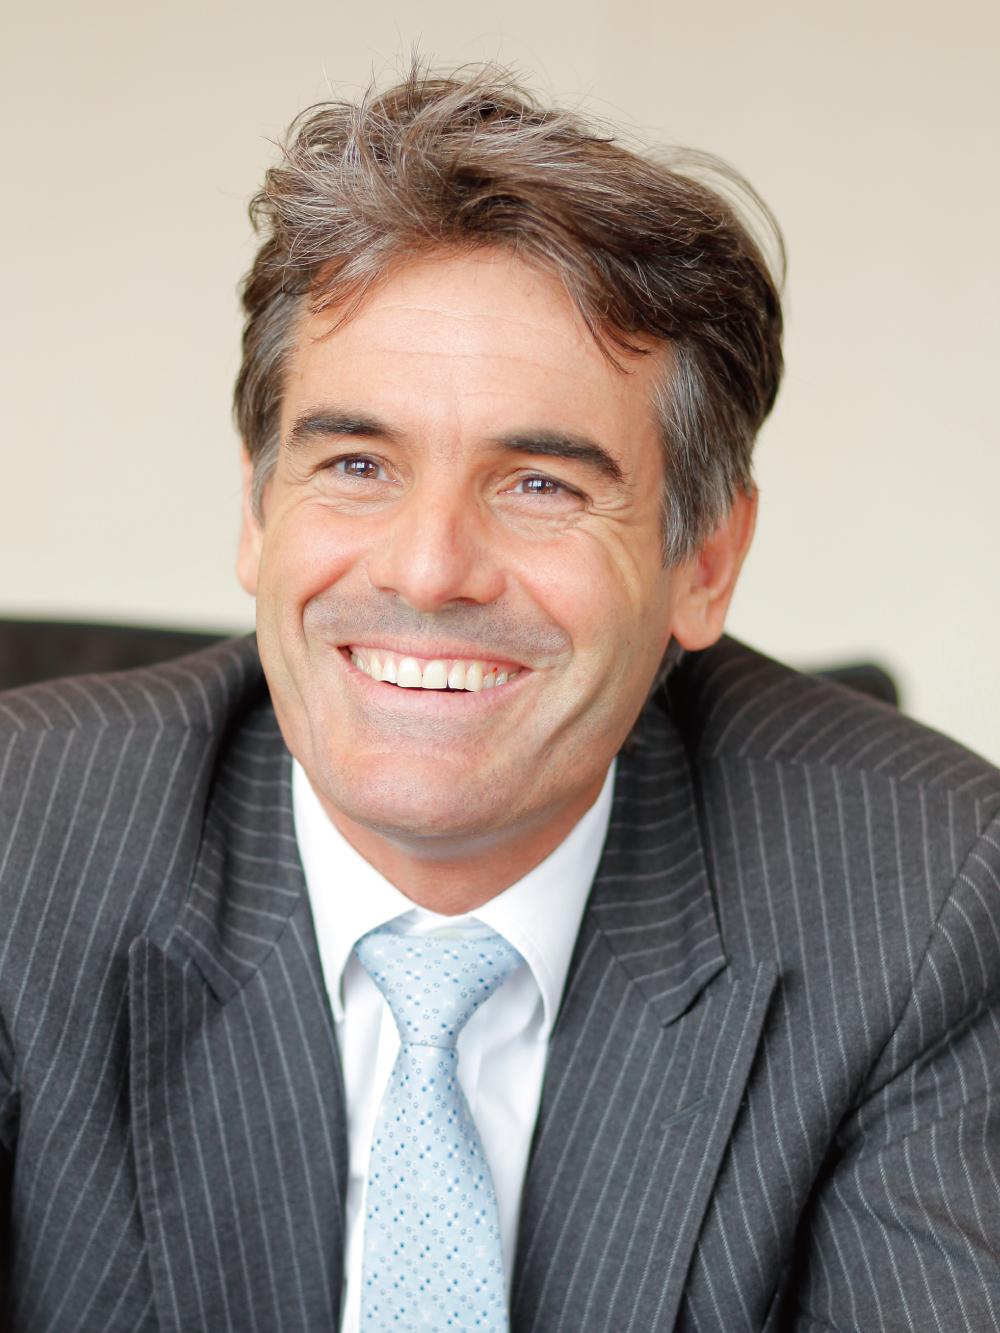 ジョン・マクスウェル弁護士